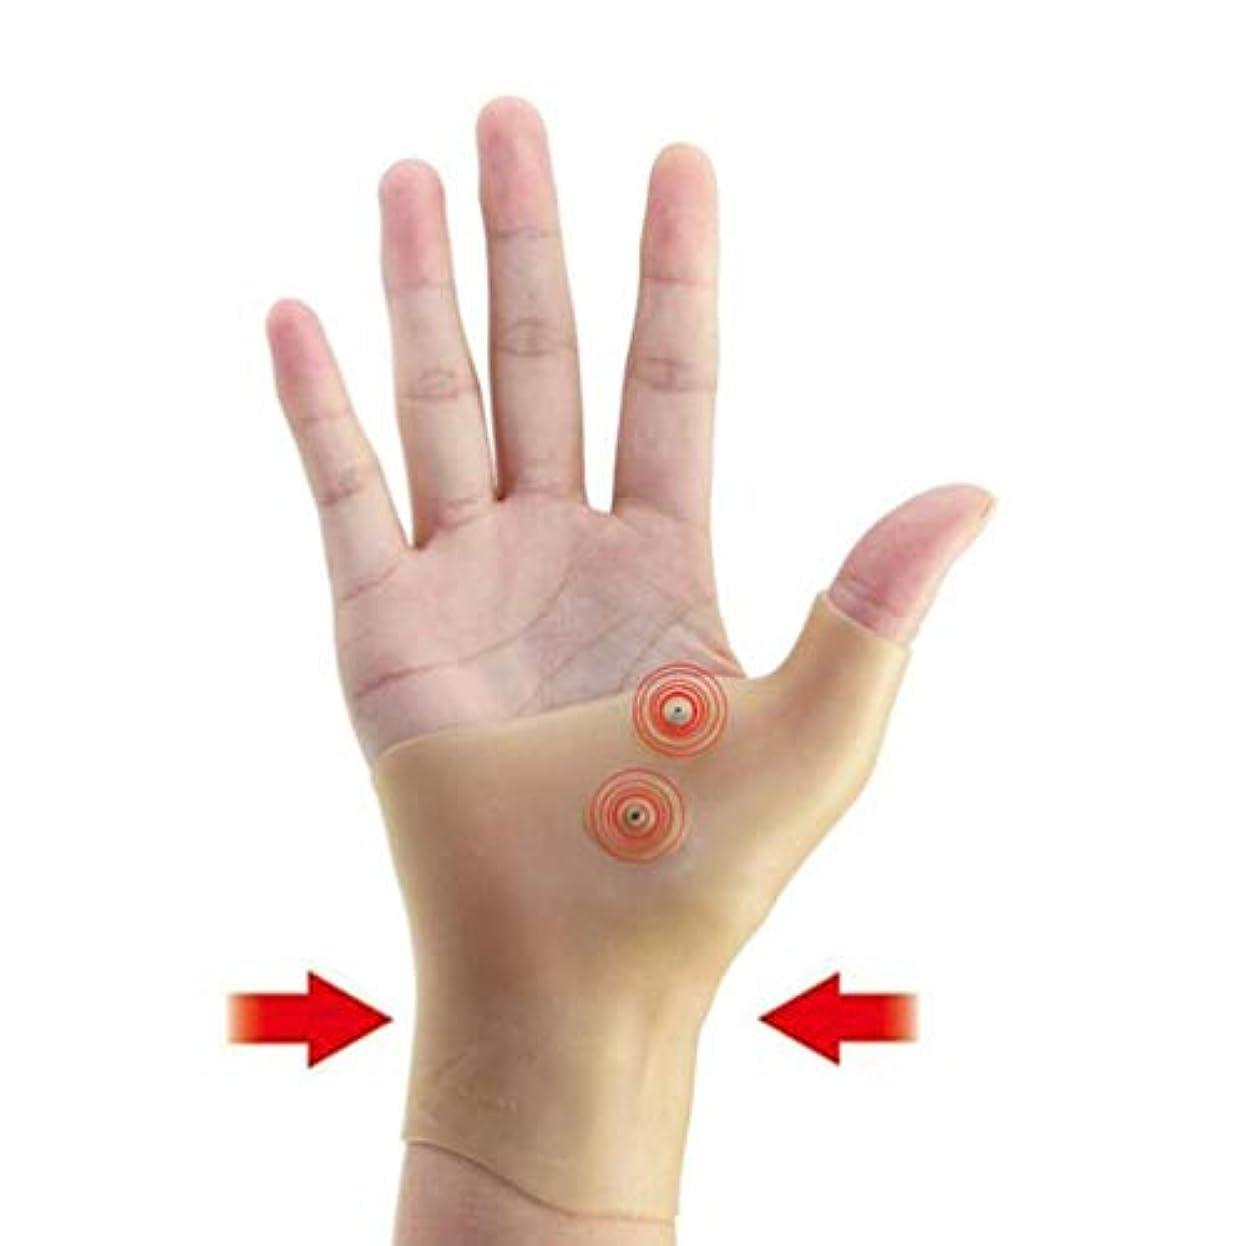 仮称いくつかのブレス磁気療法手首手親指サポート手袋シリコーンゲル関節炎圧力矯正器マッサージ痛み緩和手袋 - 肌の色